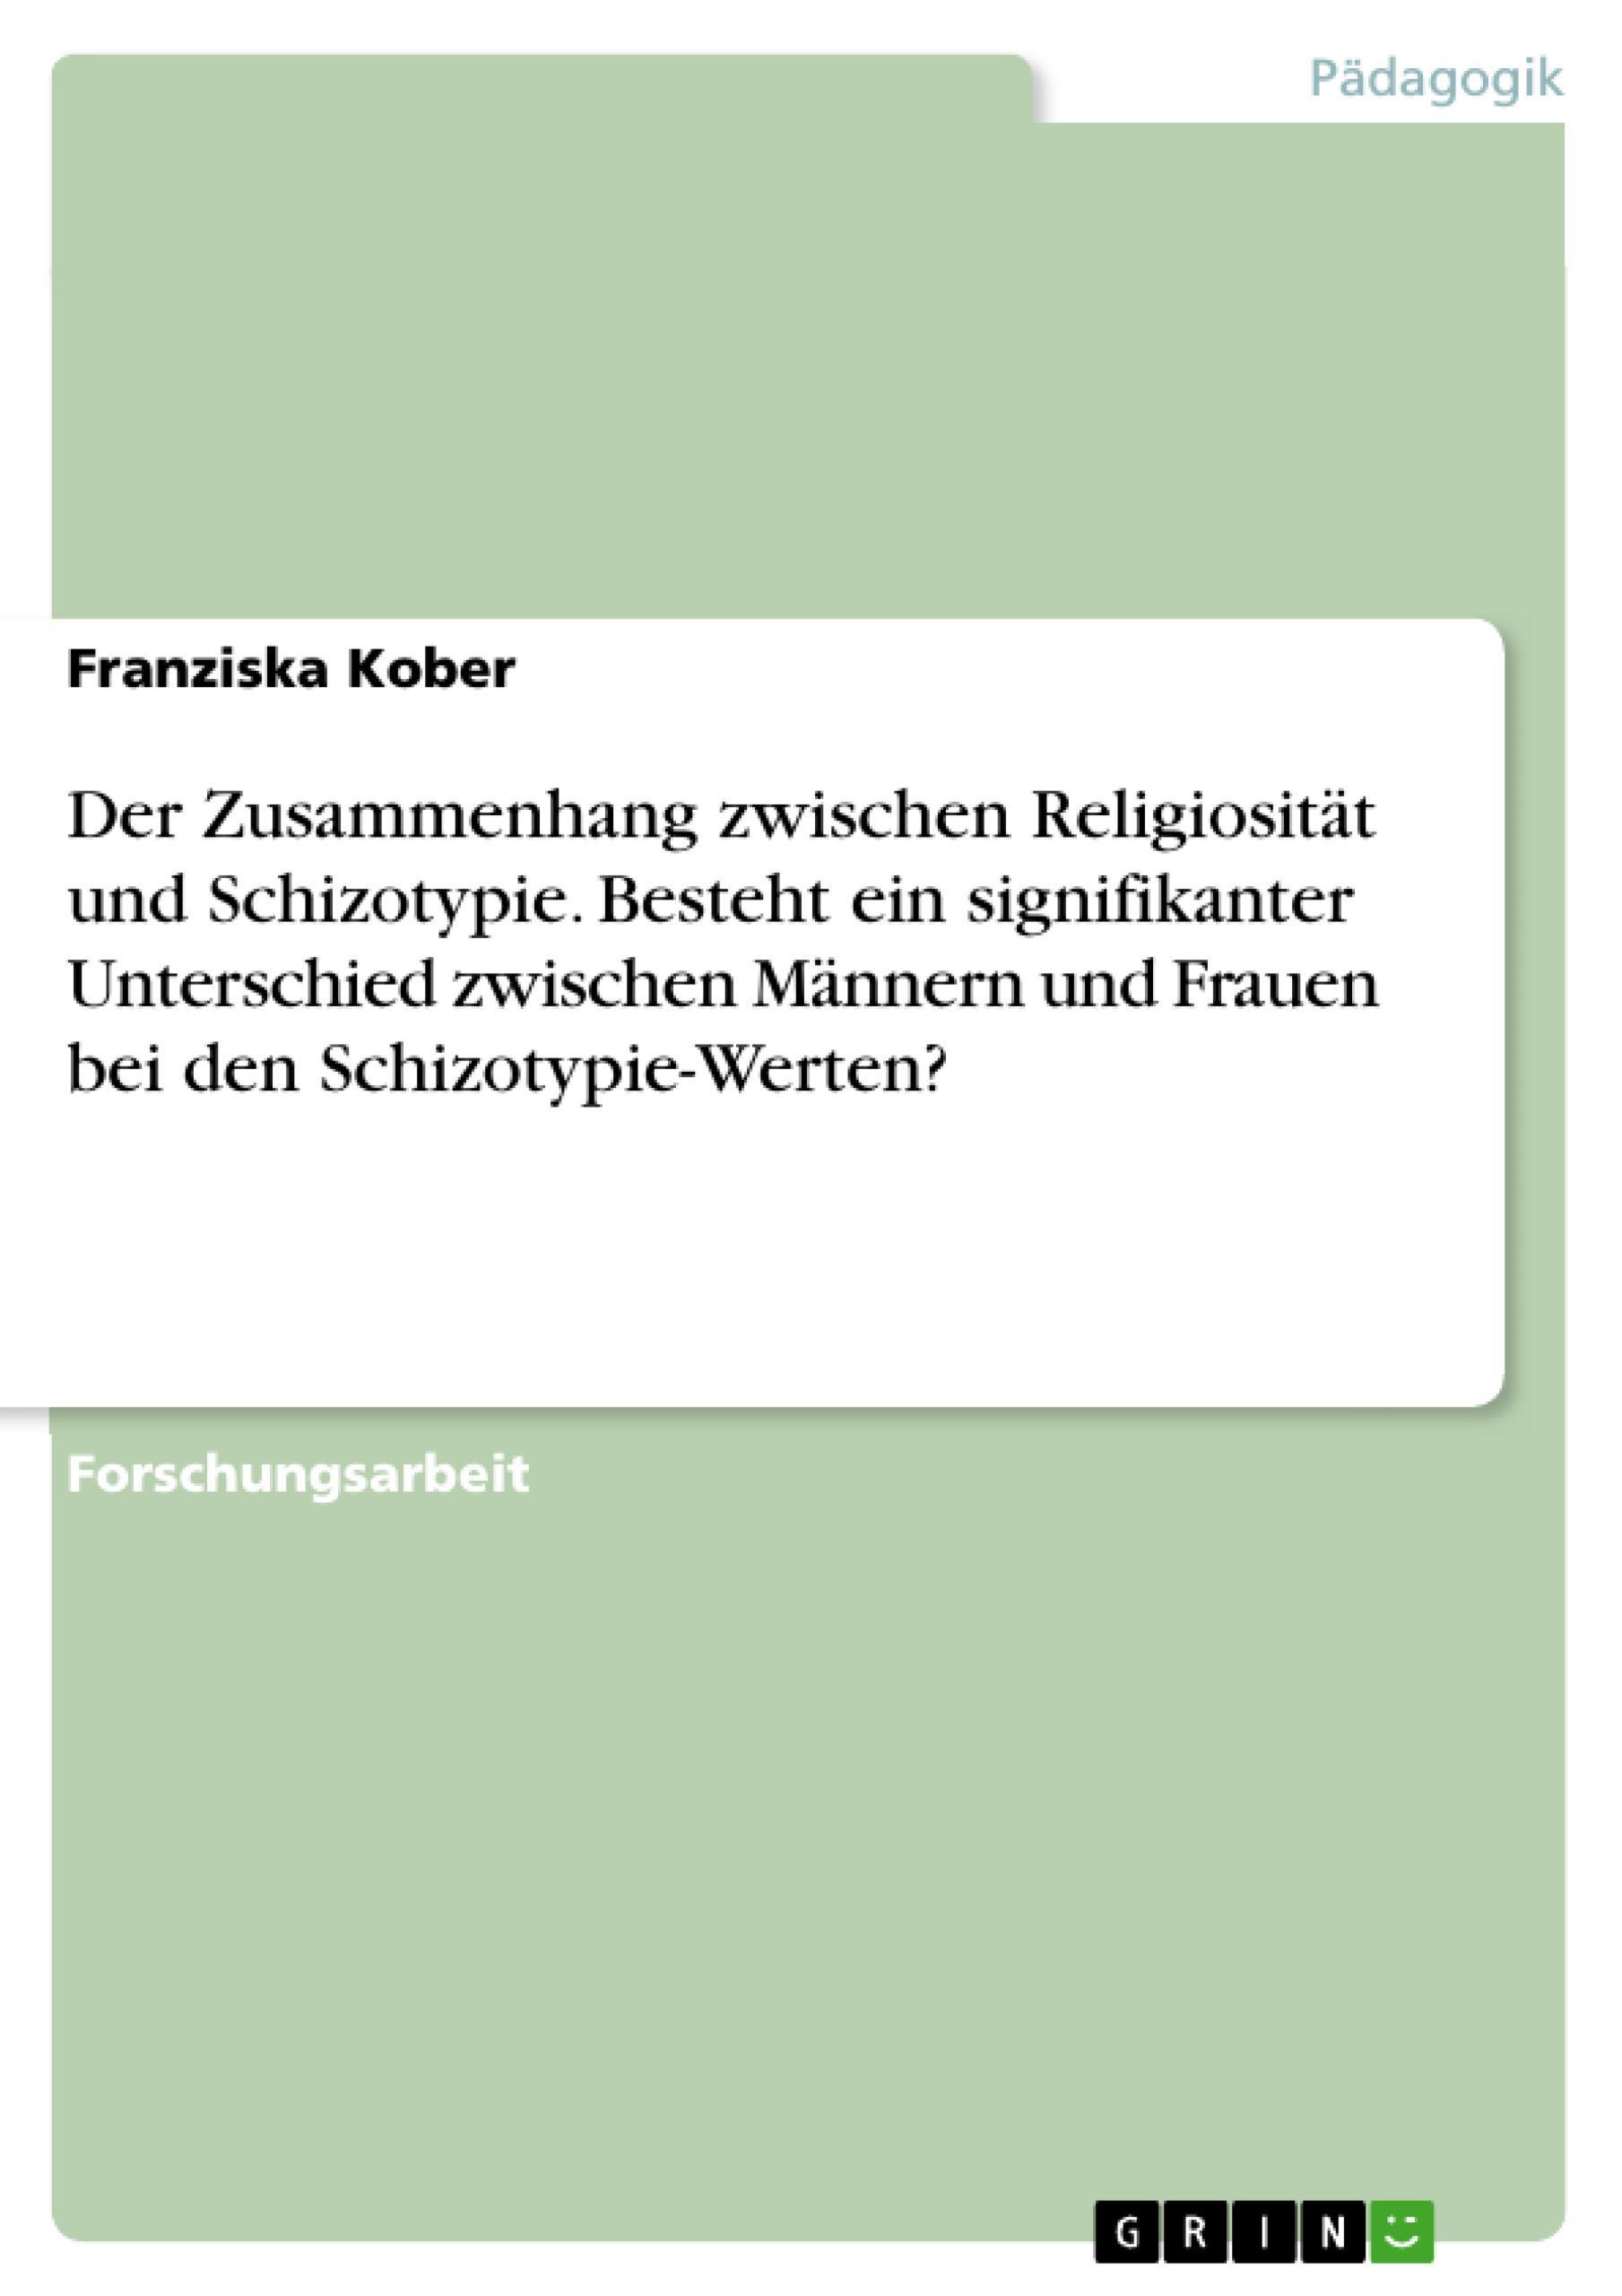 Der Zusammenhang zwischen Religiosität und Schizotypie. Besteht ein signifi ...